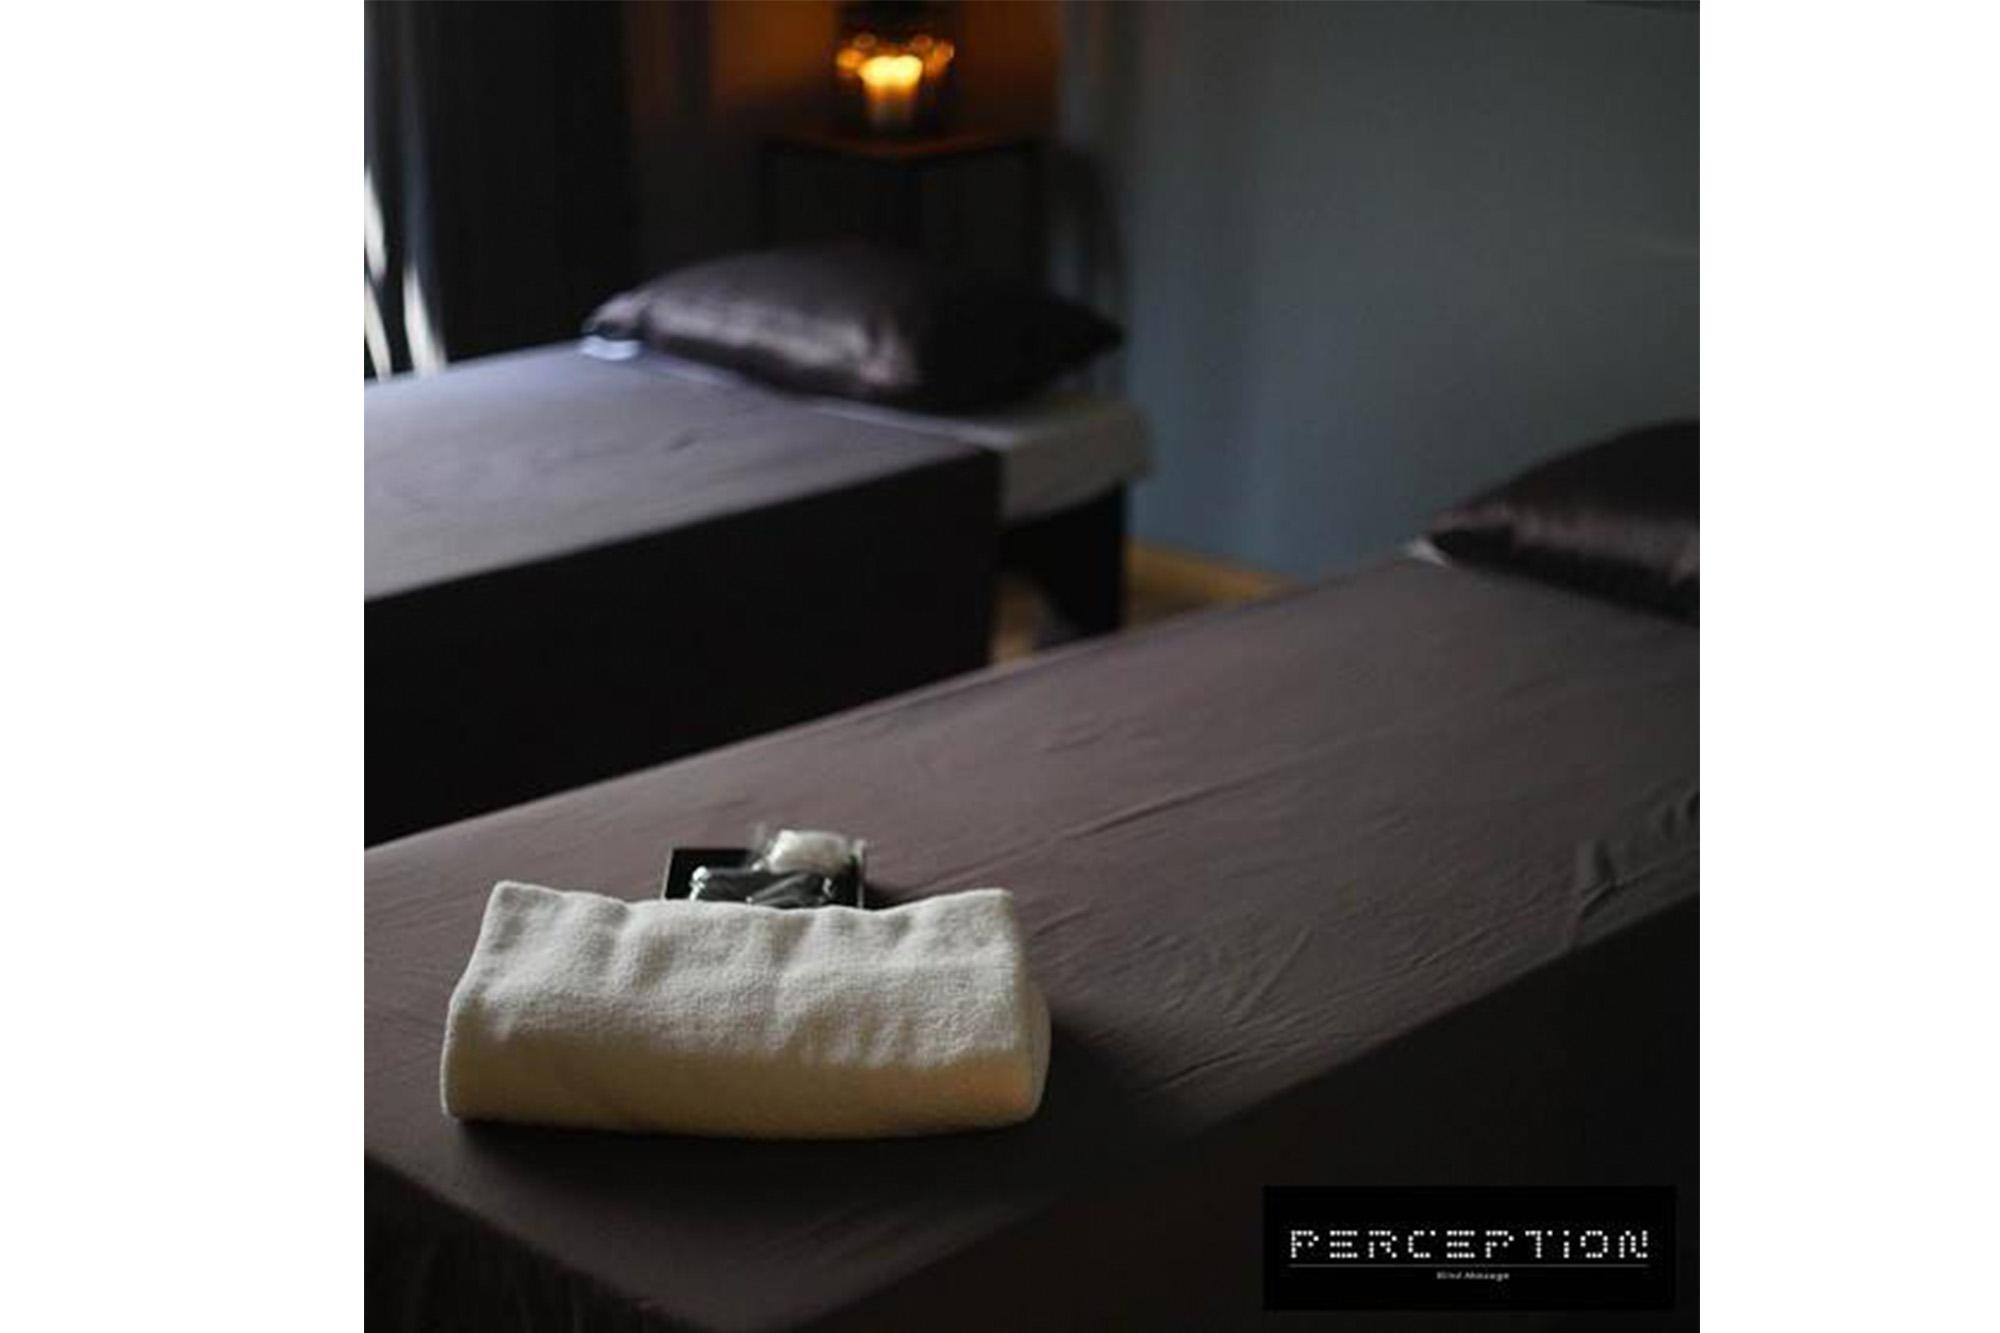 曼谷 盲人按摩 盲人 Spa Perception Blind Massage 盲人按摩 Perception Blind